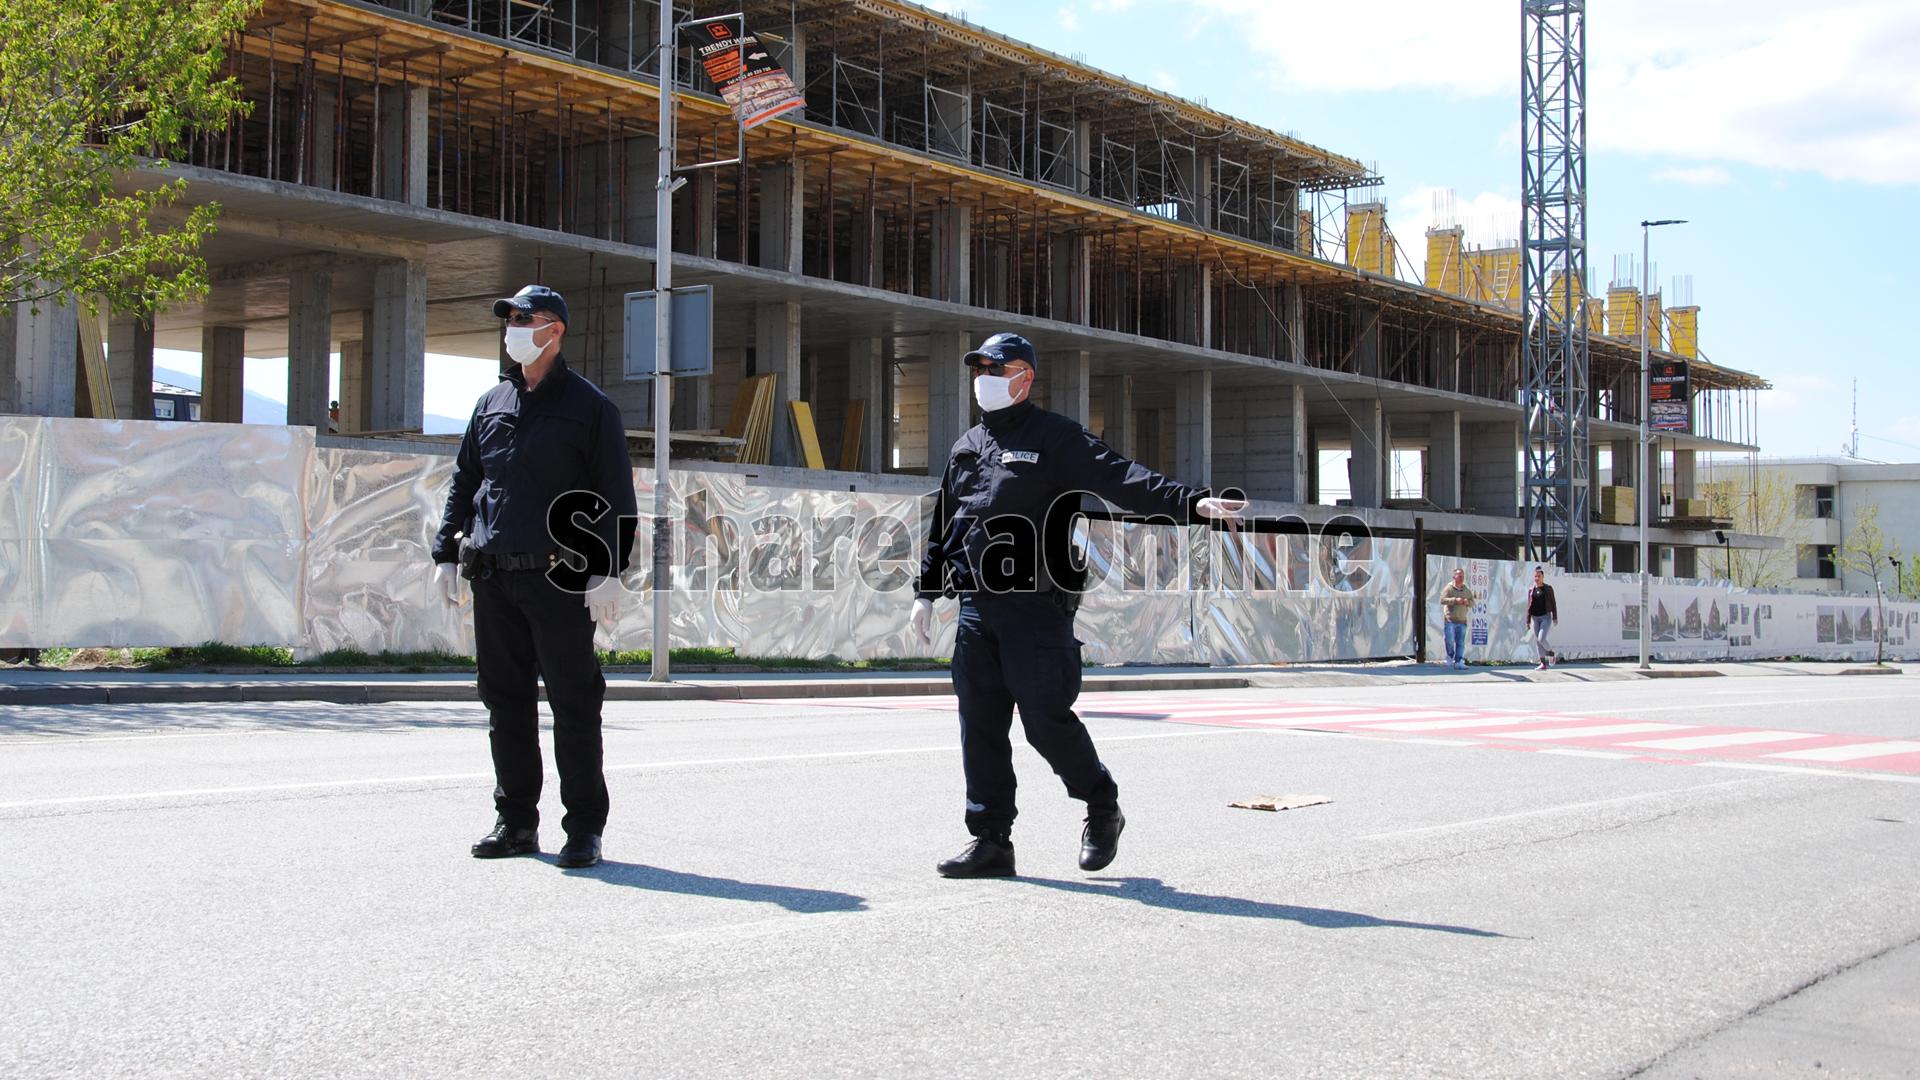 Të mërkurën policia dënoi mbi 800 qytetar të cilët nuk respektuan ligjin anti-Covid